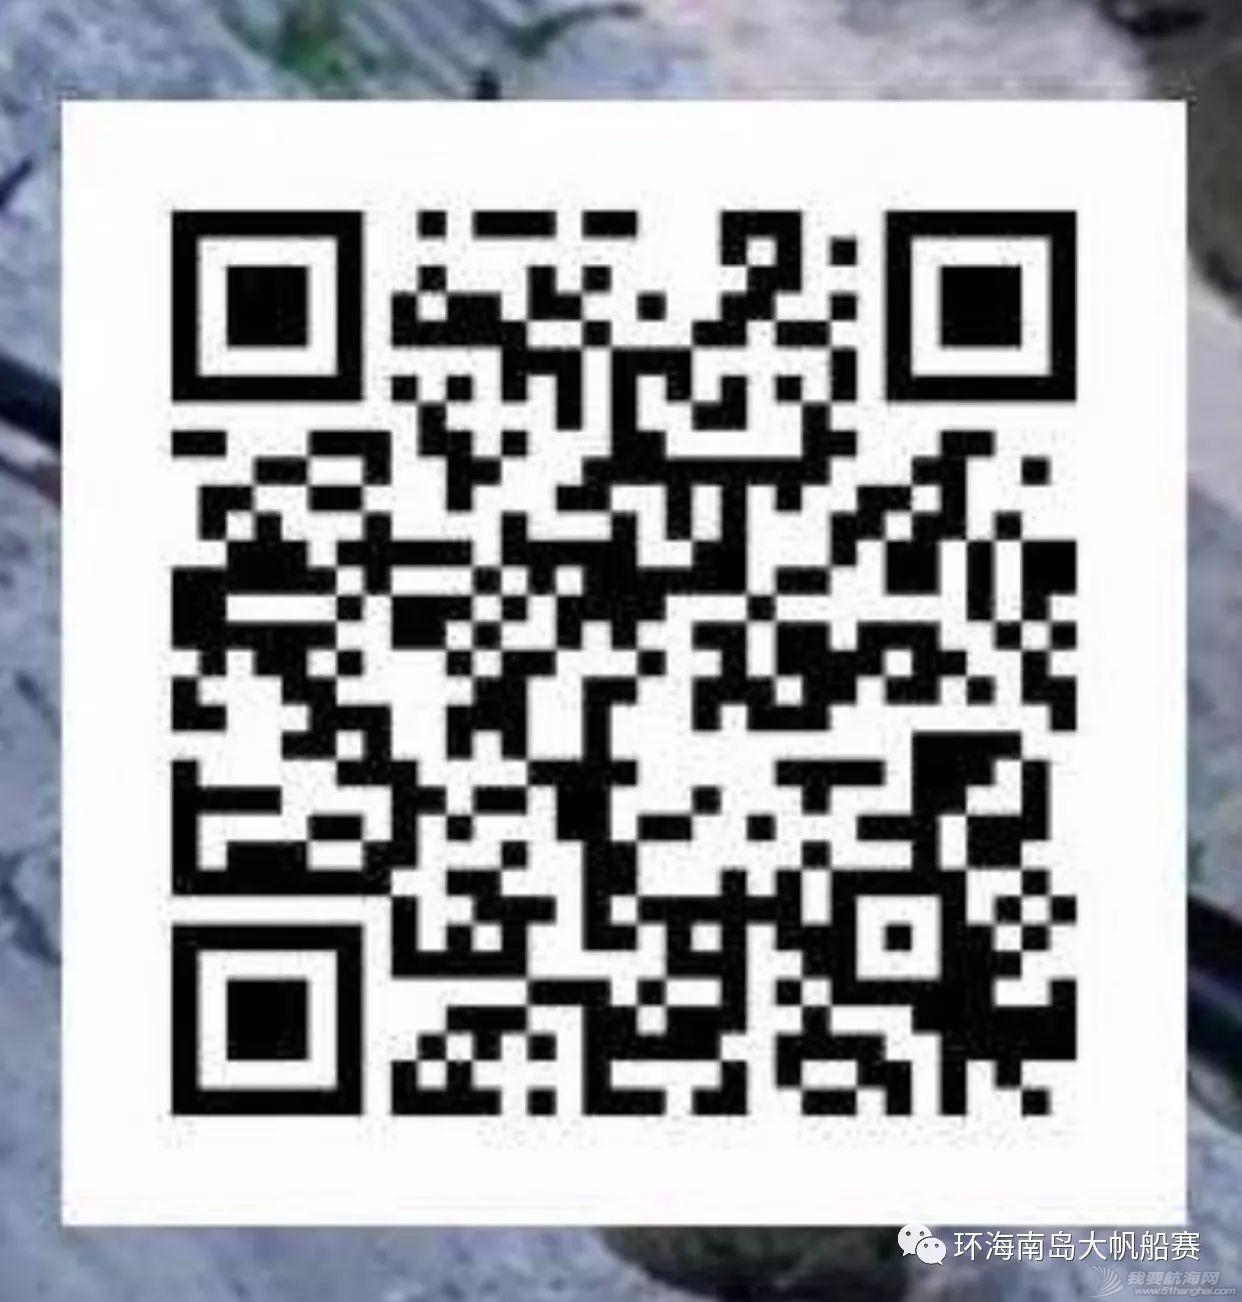 ea144b70832ca5e6071806fd8f457b40.jpg